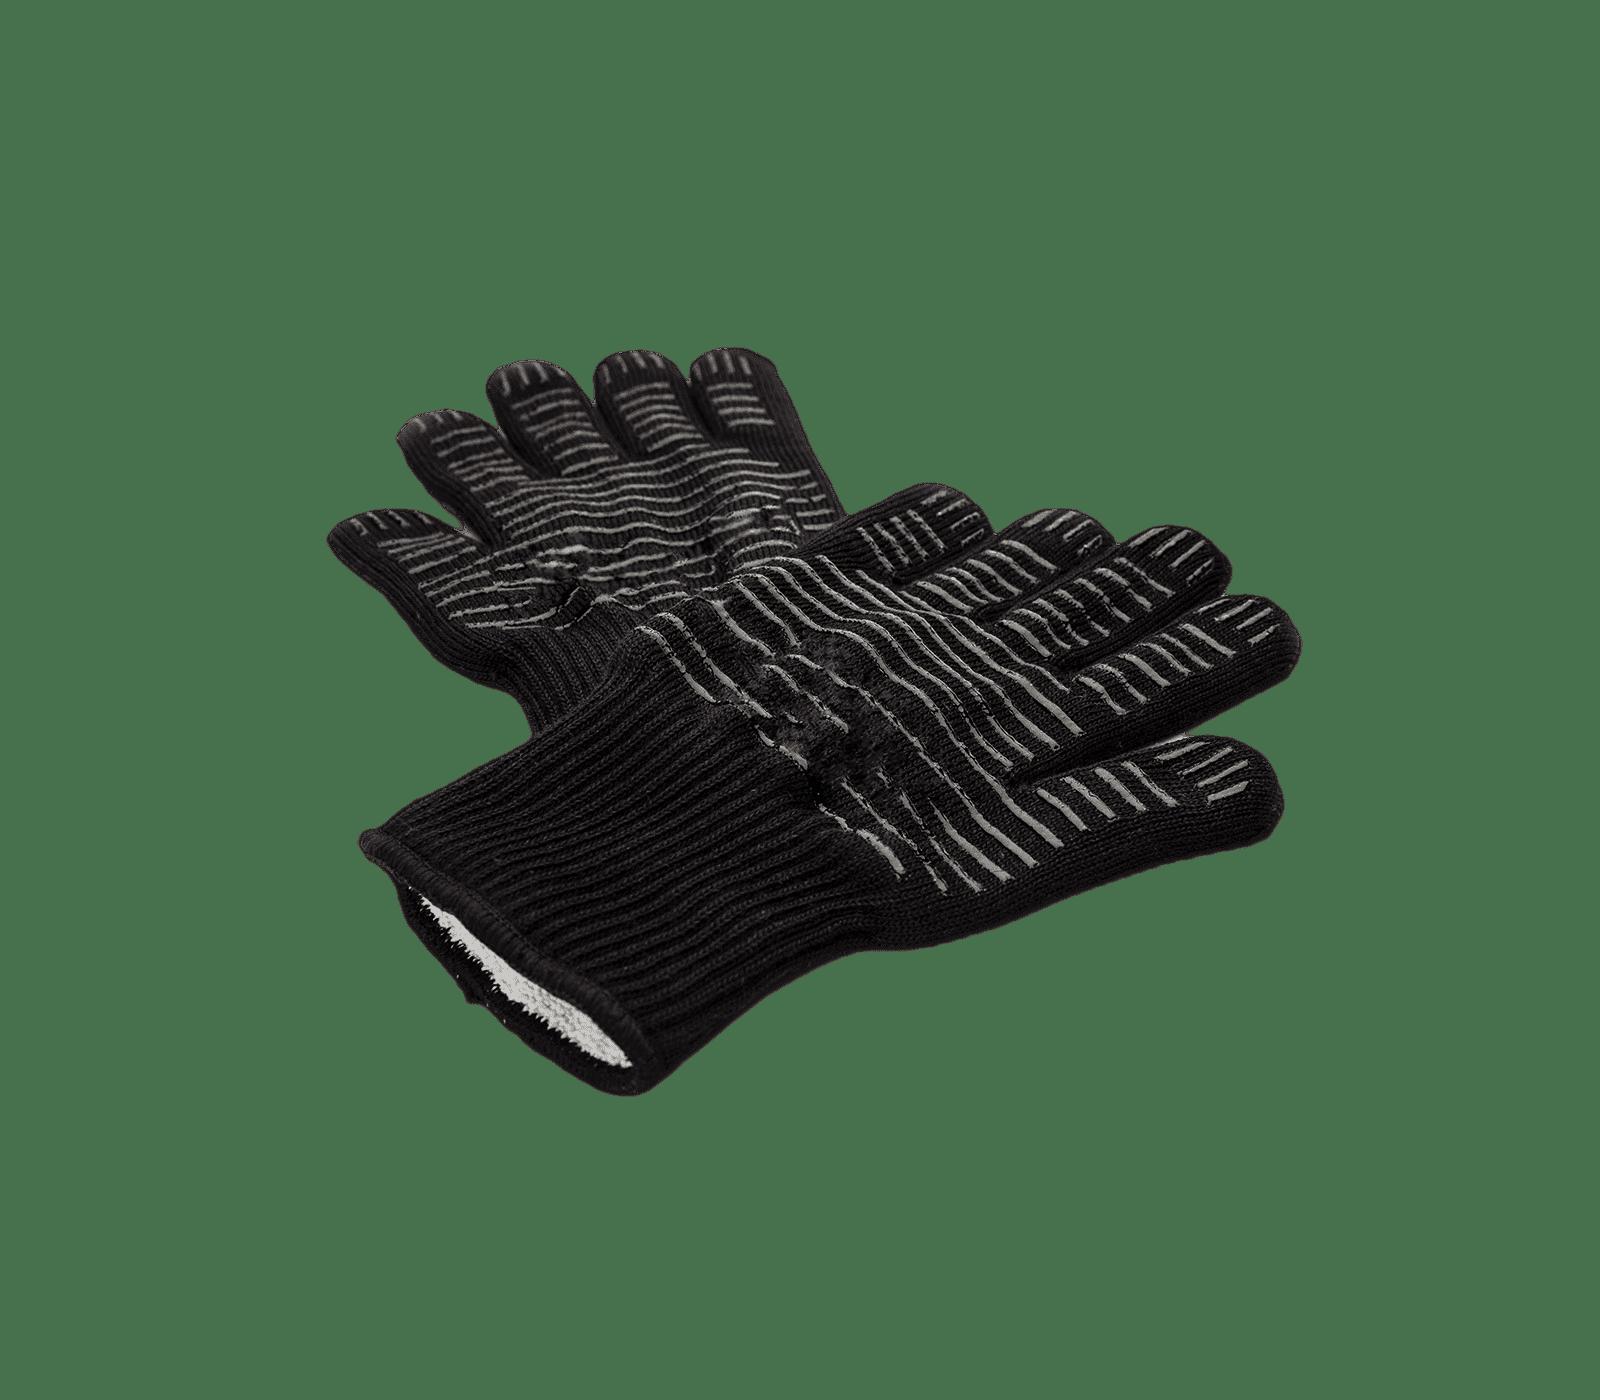 High heat gloves